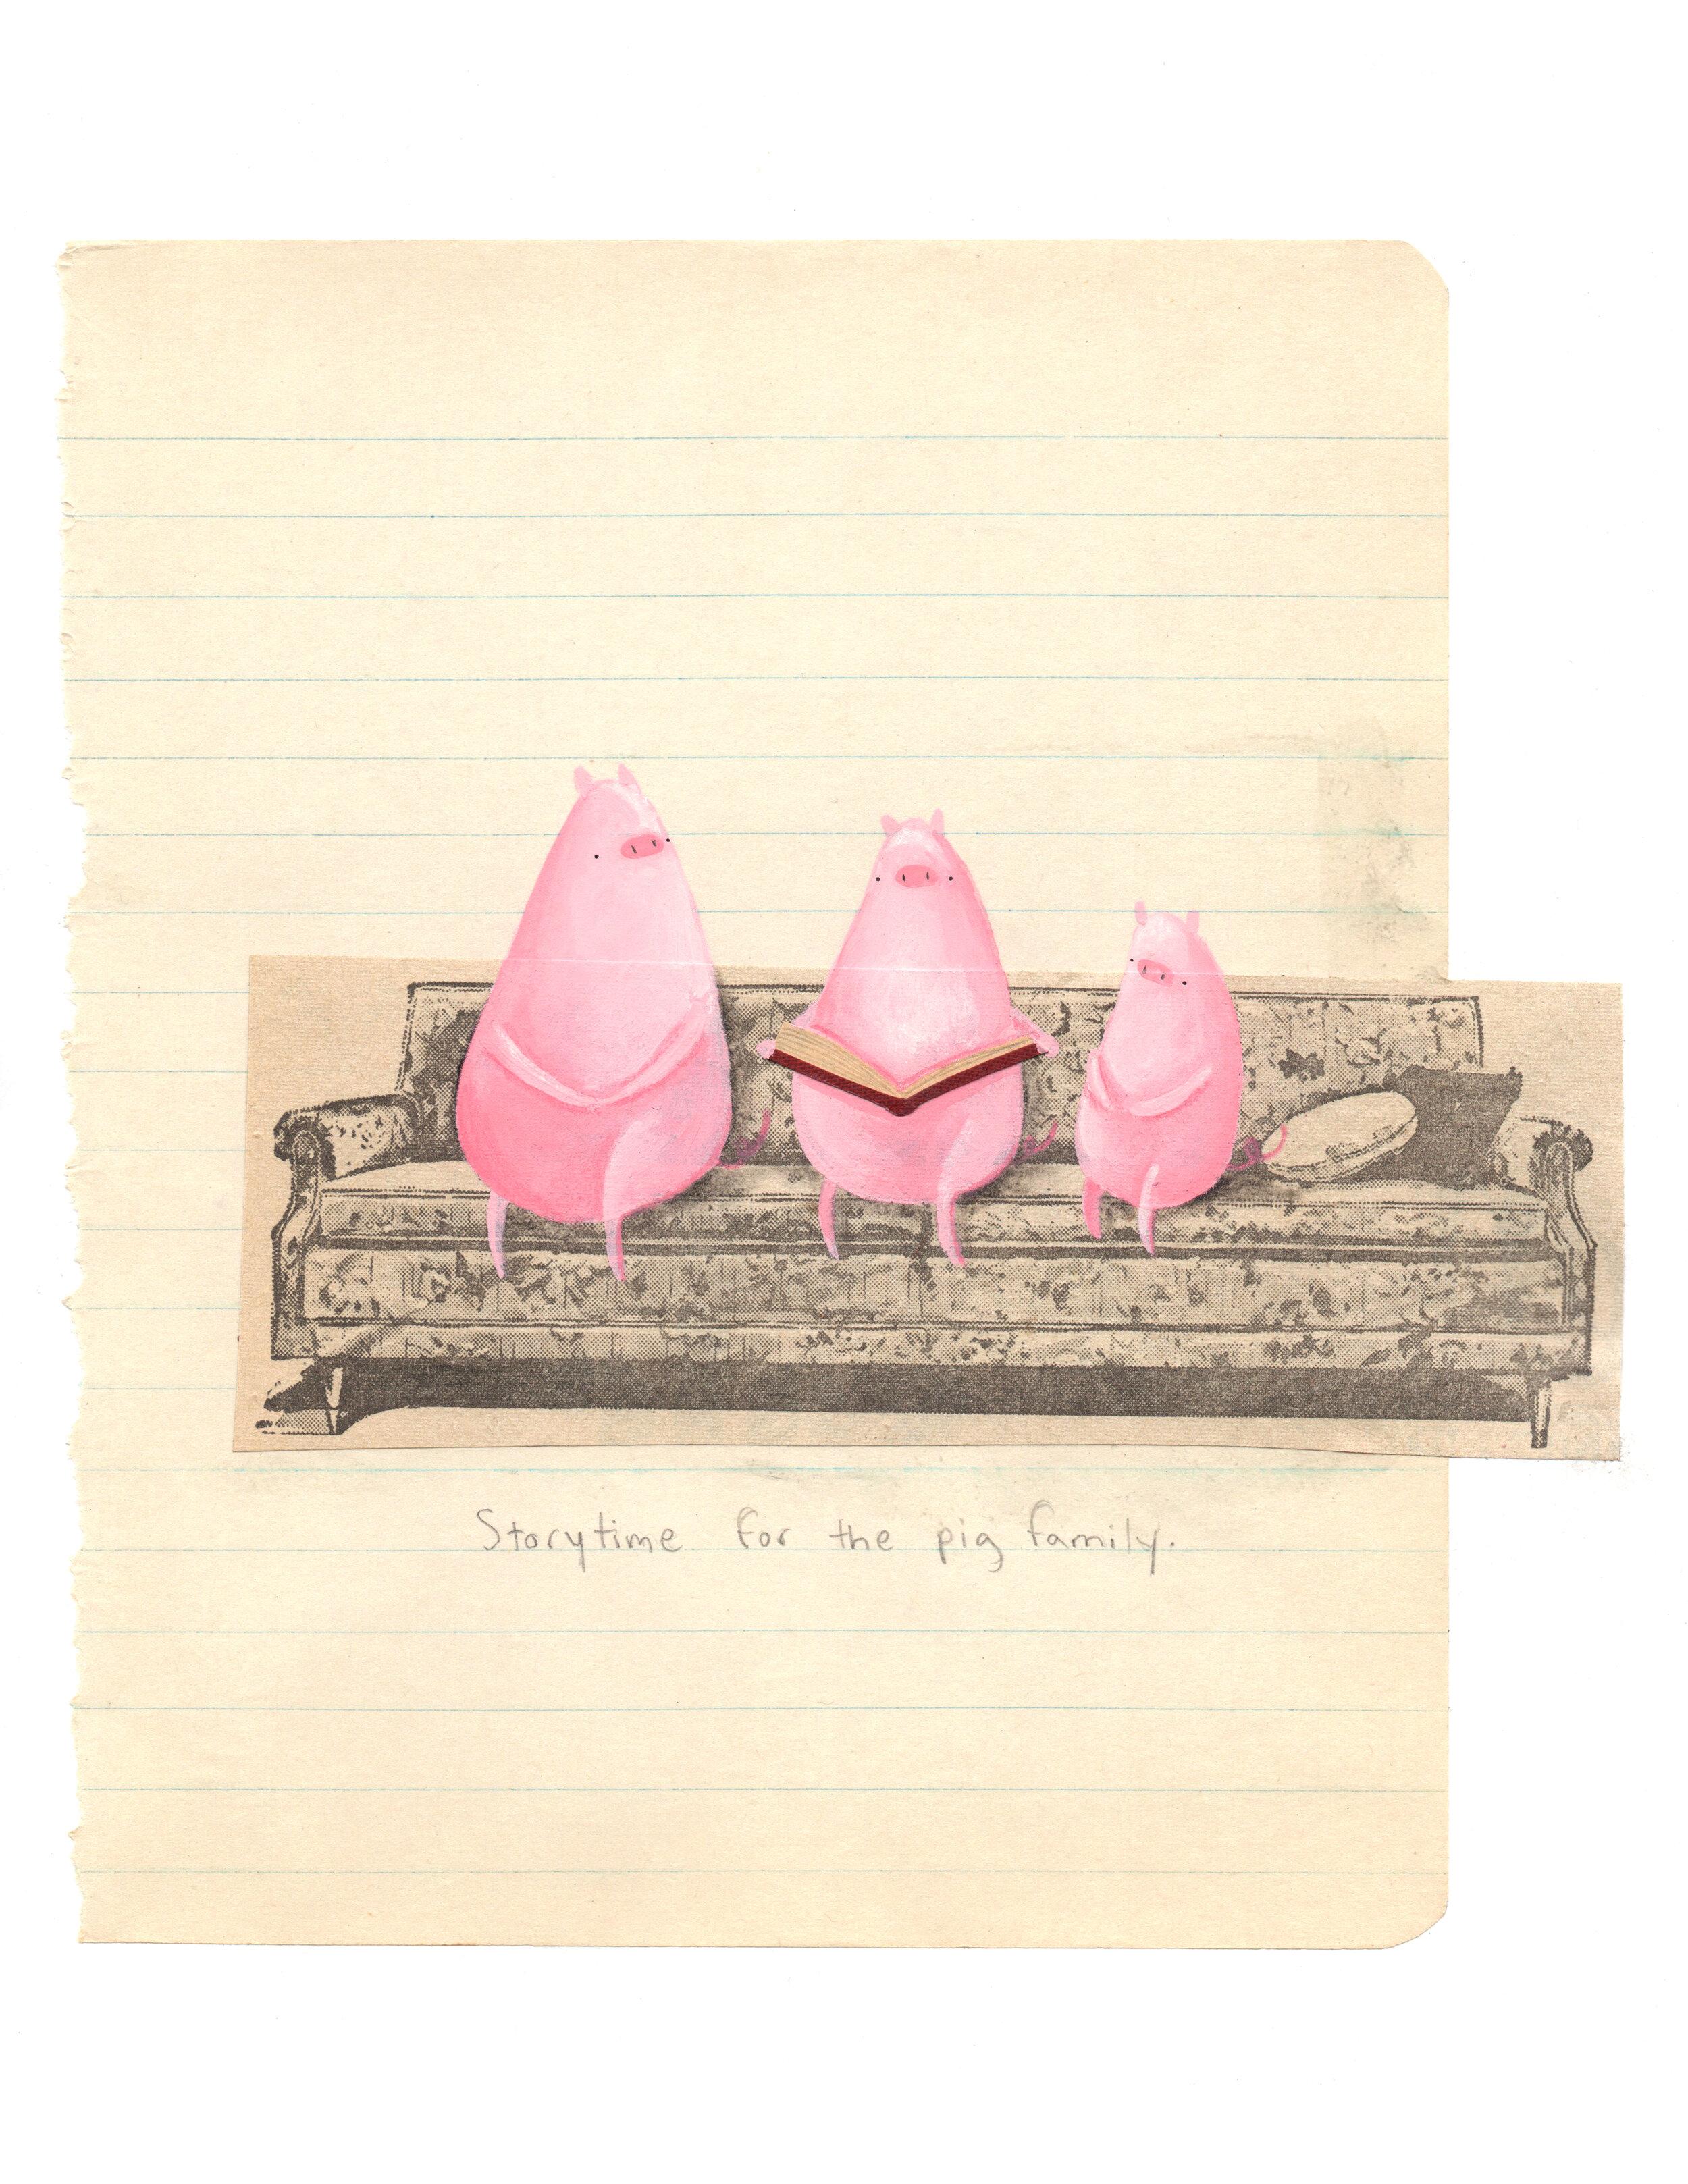 Storytime for Pig Family.jpg